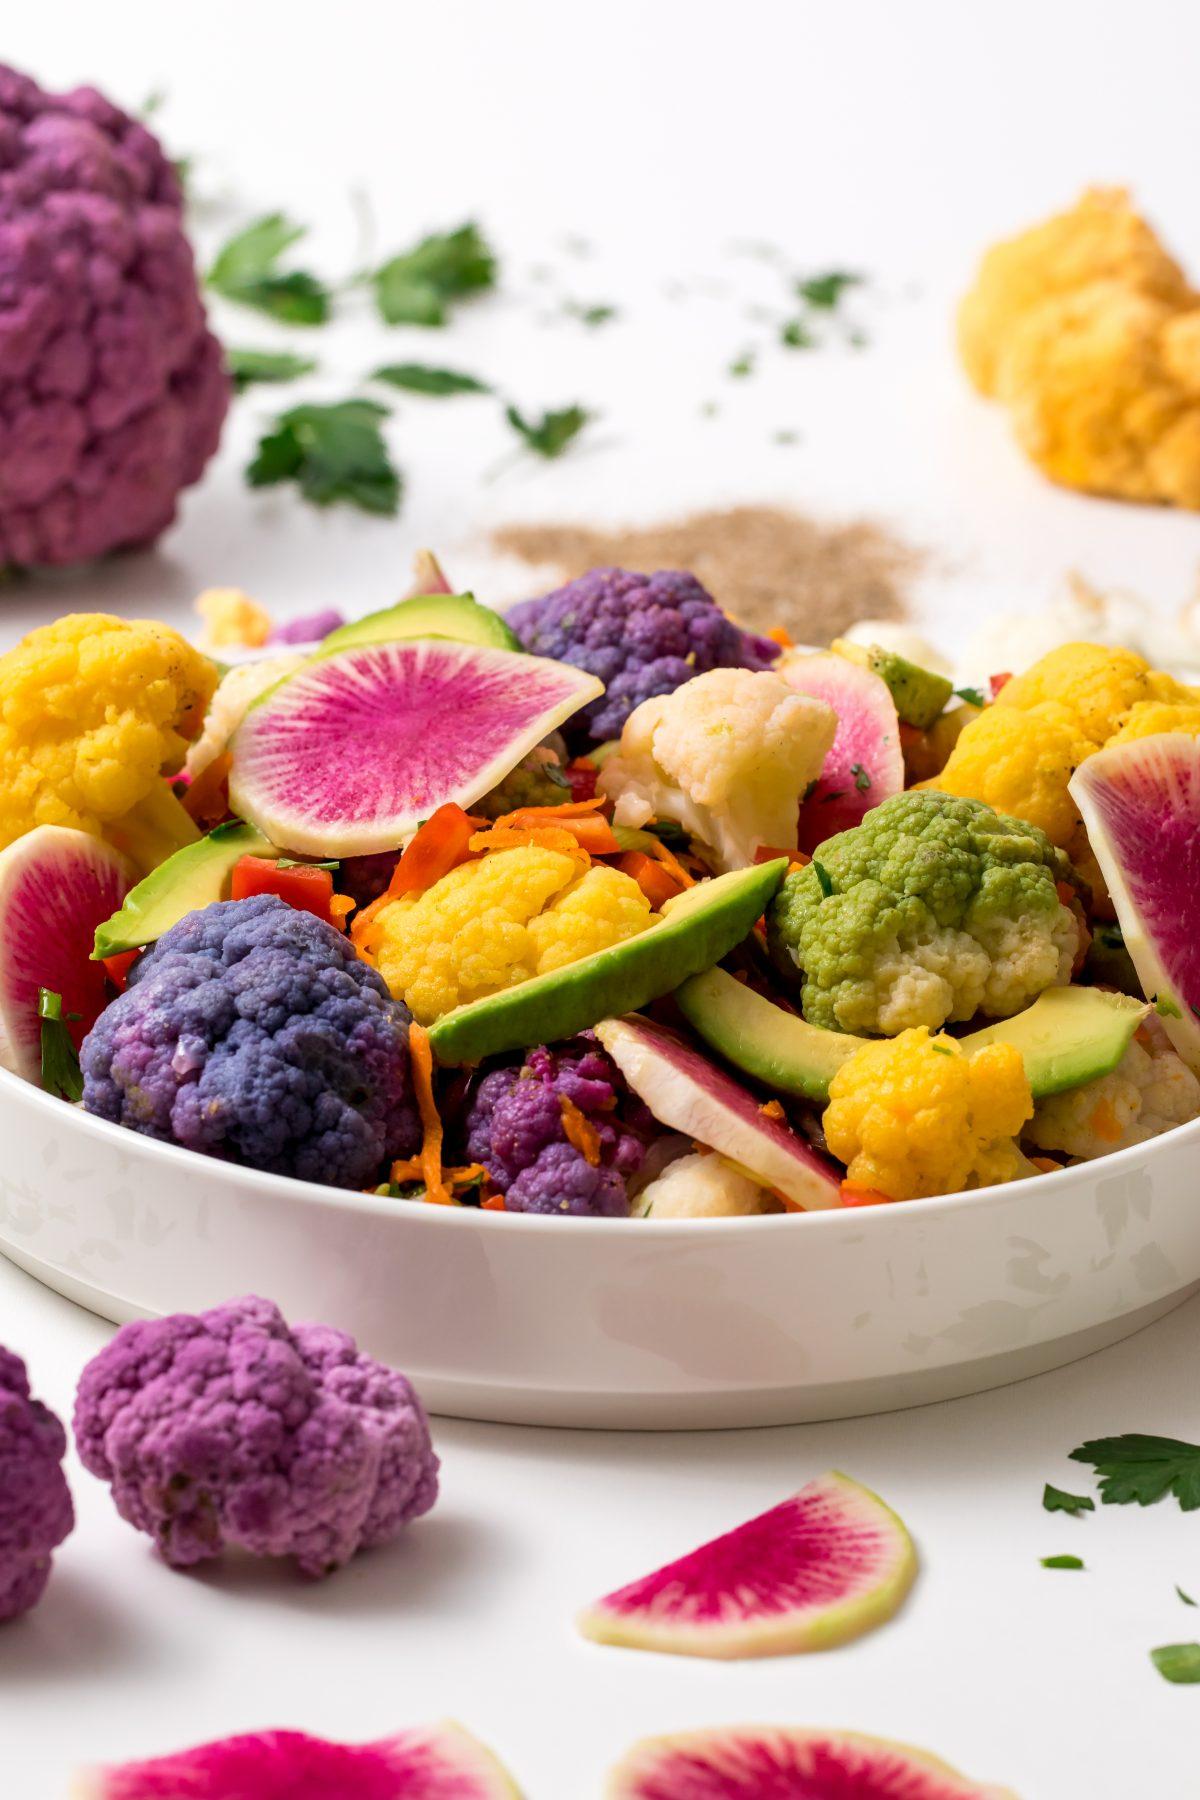 5D4B2232 - Farmer's Market Cauliflower Salad